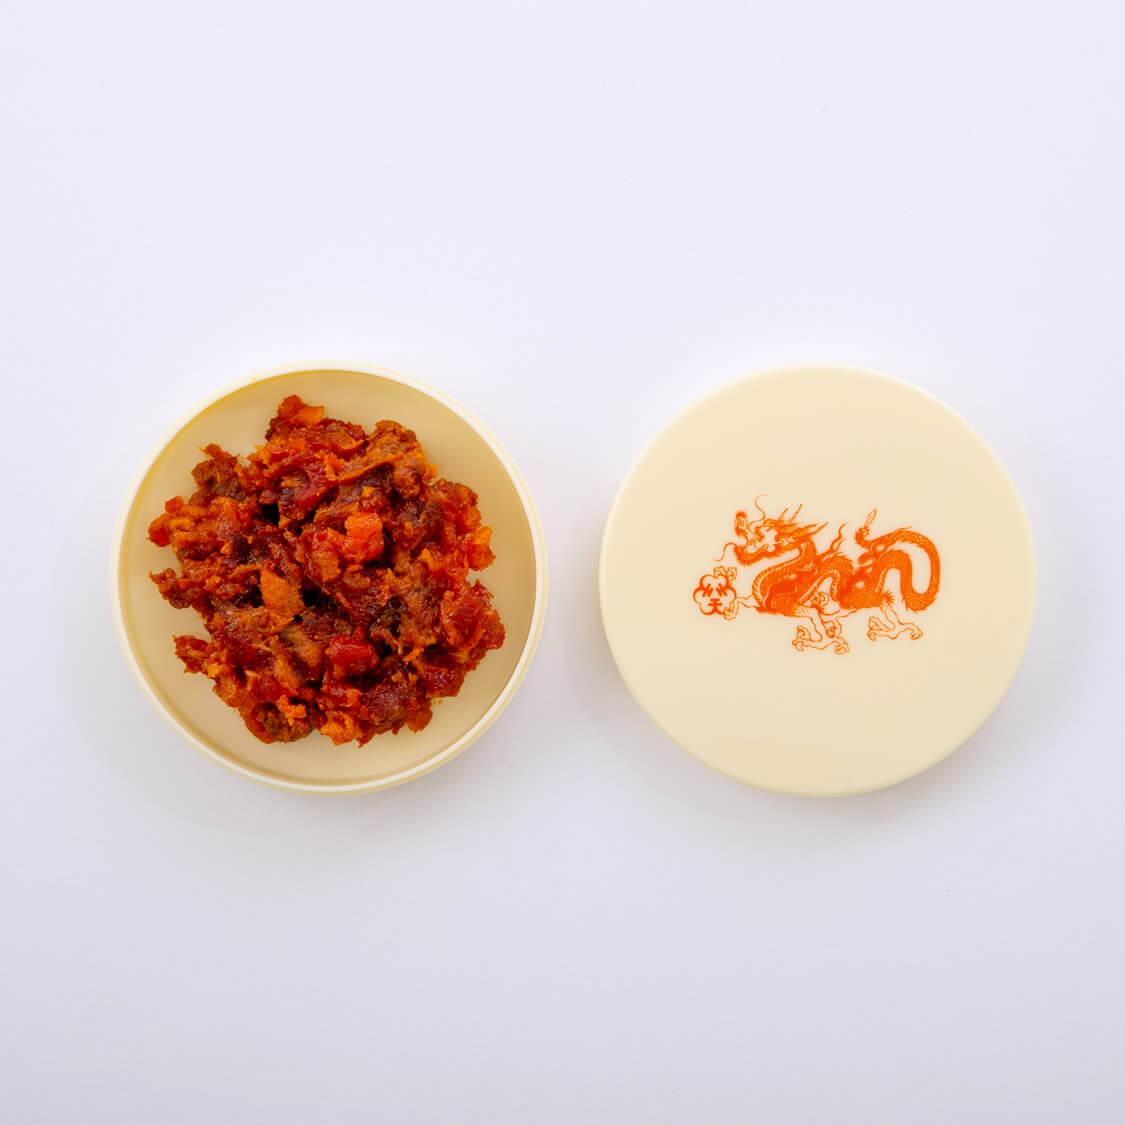 8月福井産粒うに 簡易容器入39g